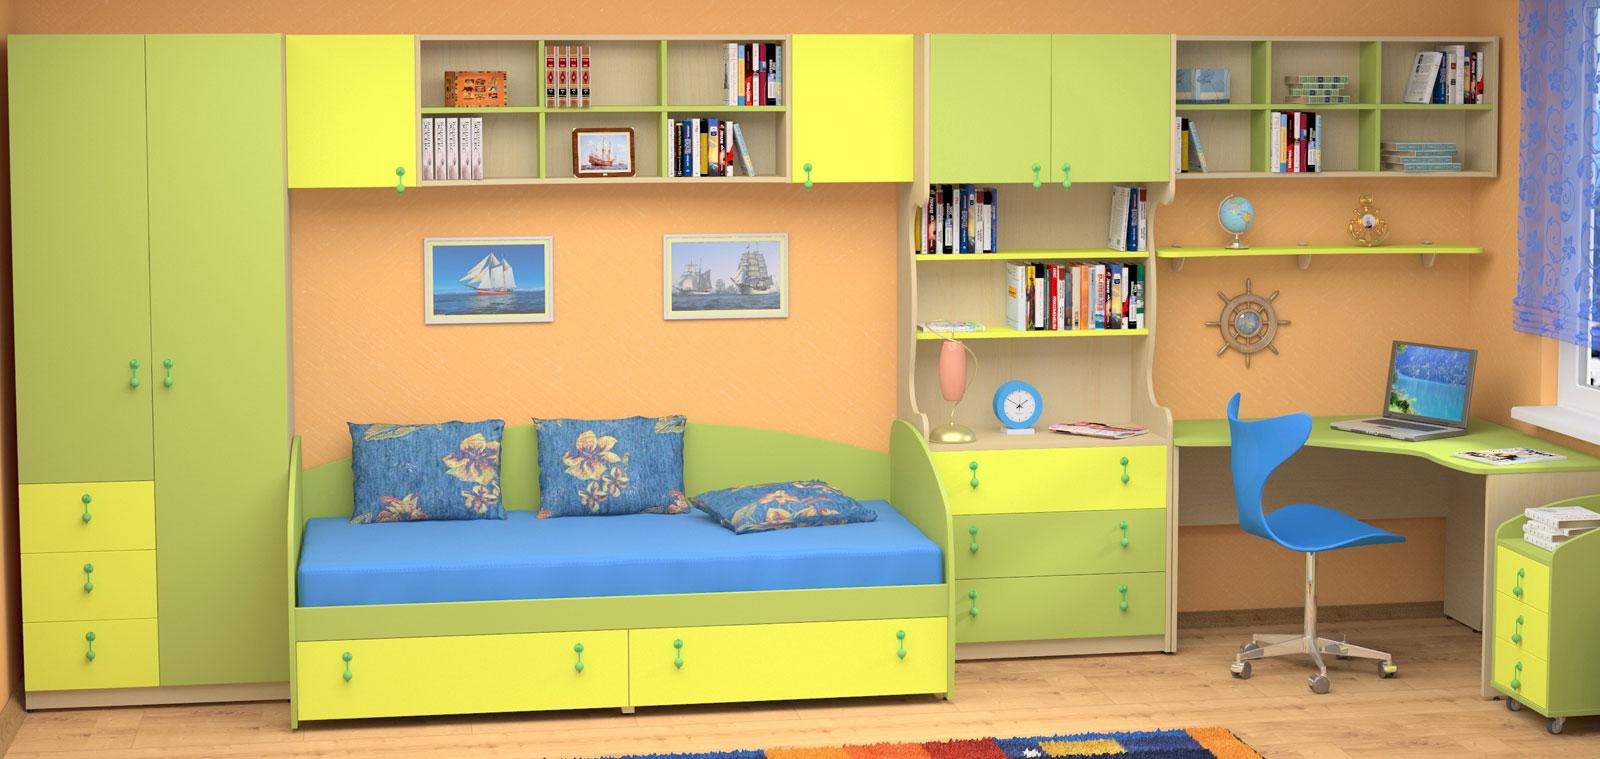 Поэтому можно смело ставить в интерьер детской комнаты даже двуспальную